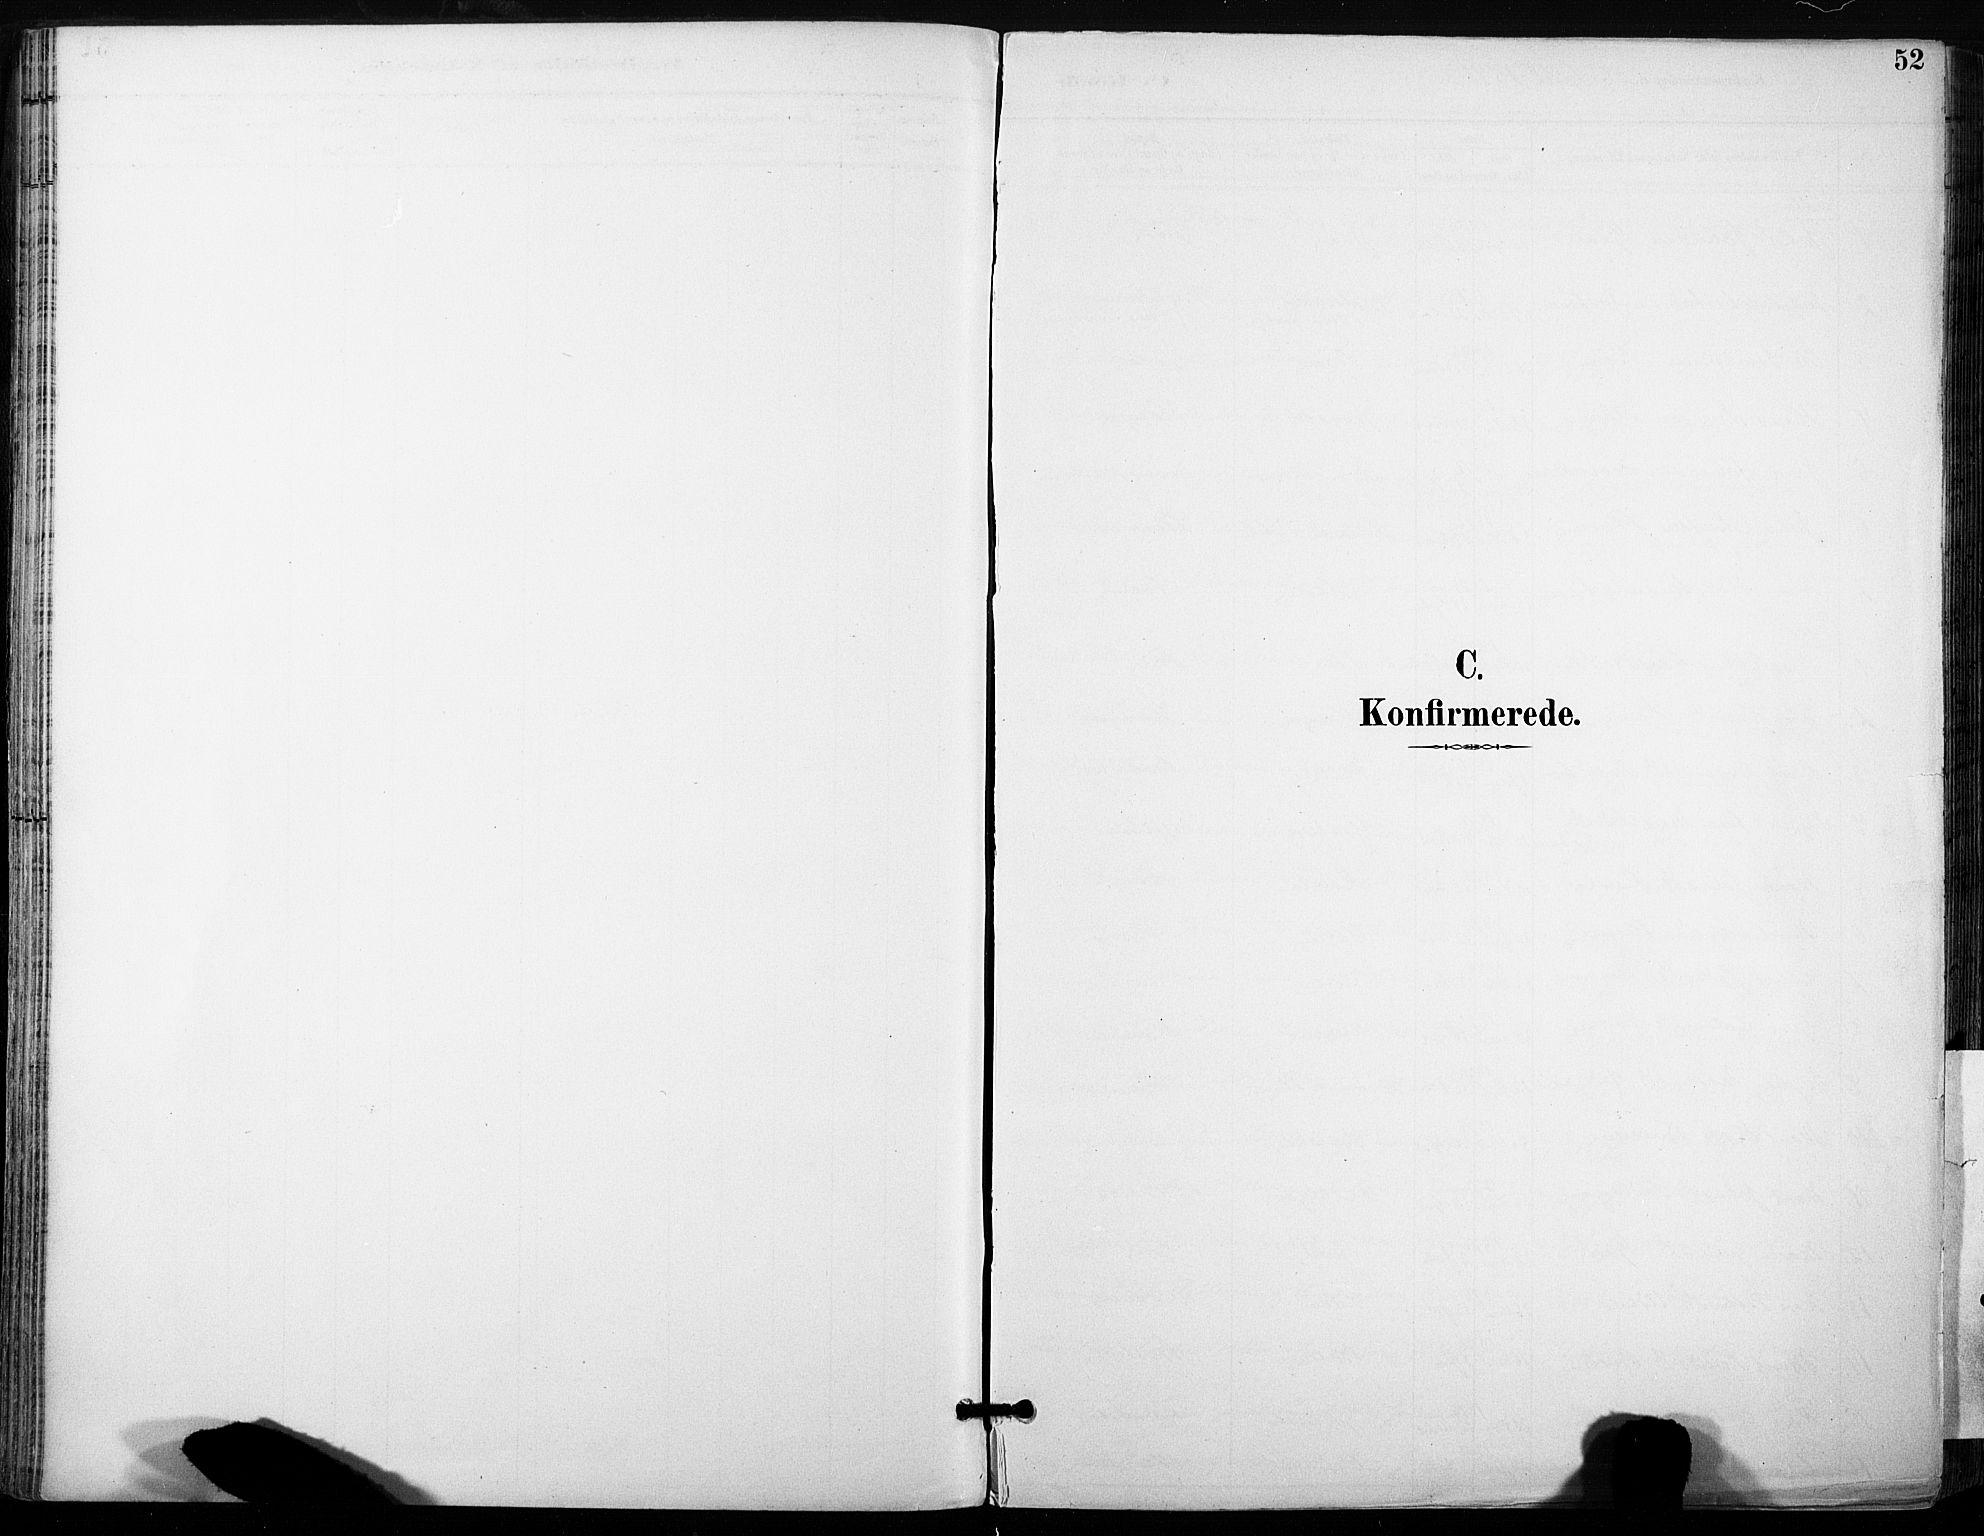 SAT, Ministerialprotokoller, klokkerbøker og fødselsregistre - Sør-Trøndelag, 685/L0973: Ministerialbok nr. 685A10, 1891-1907, s. 52